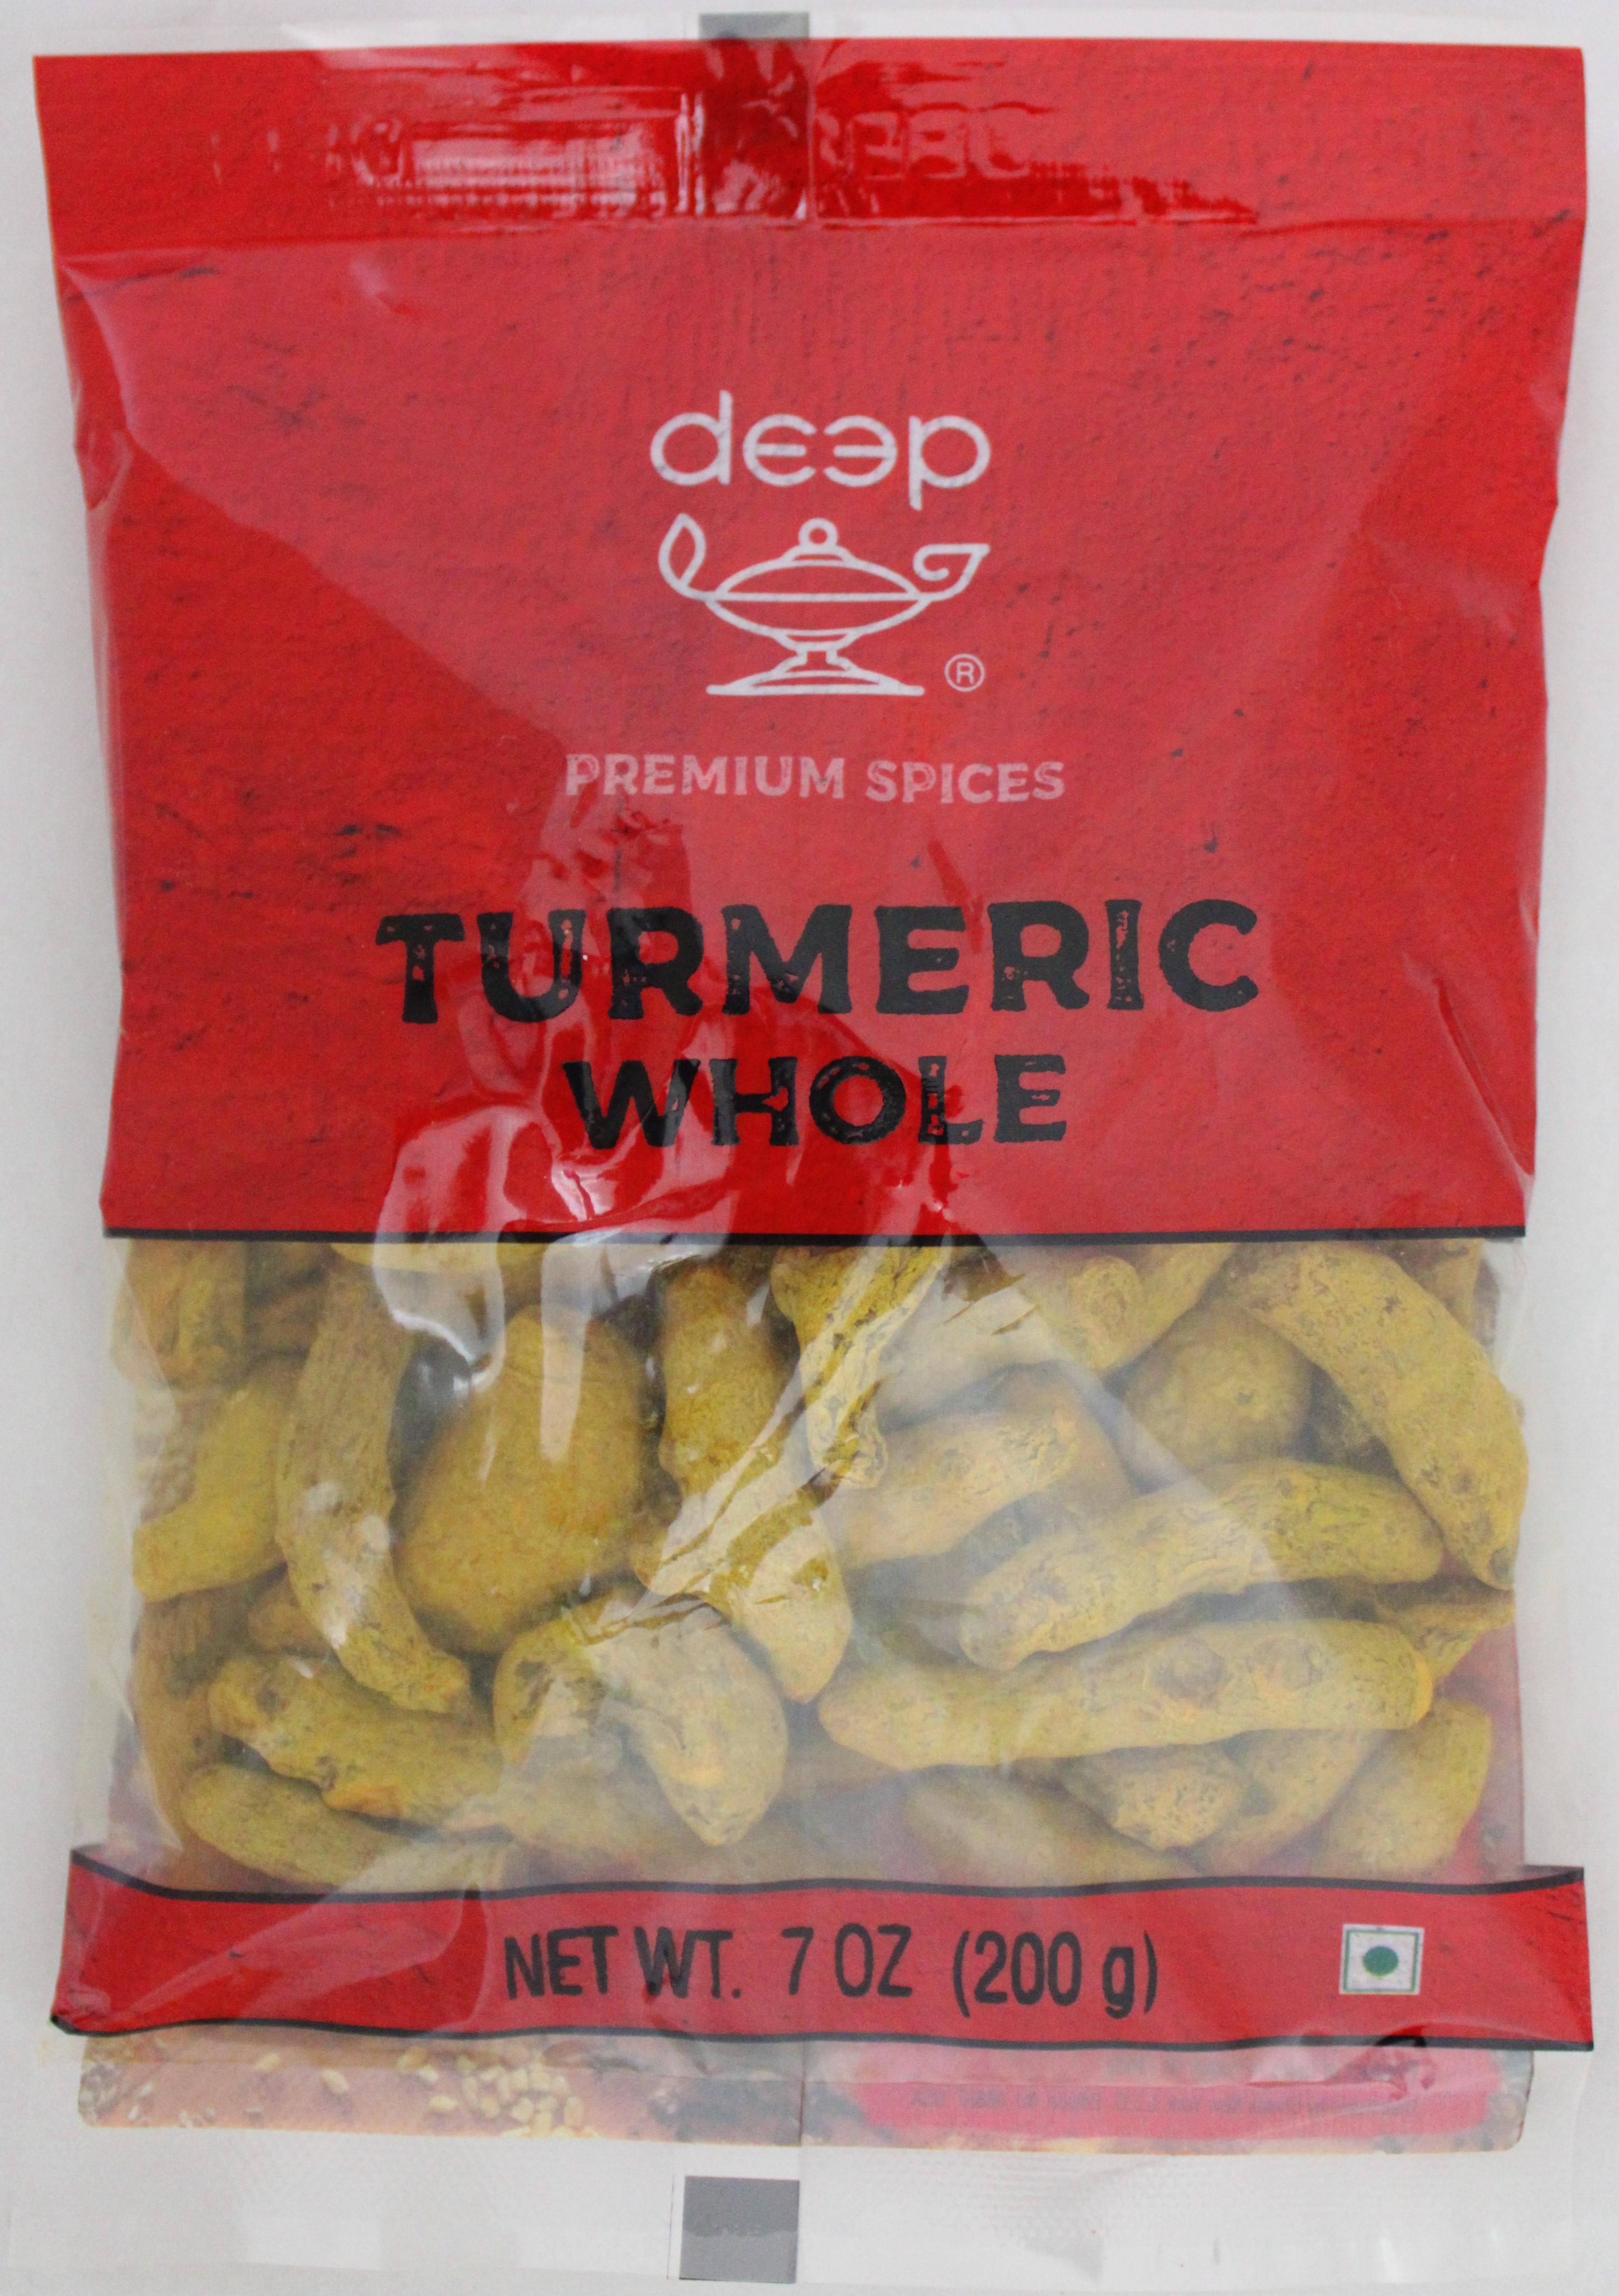 Whole Turmeric 7 Oz